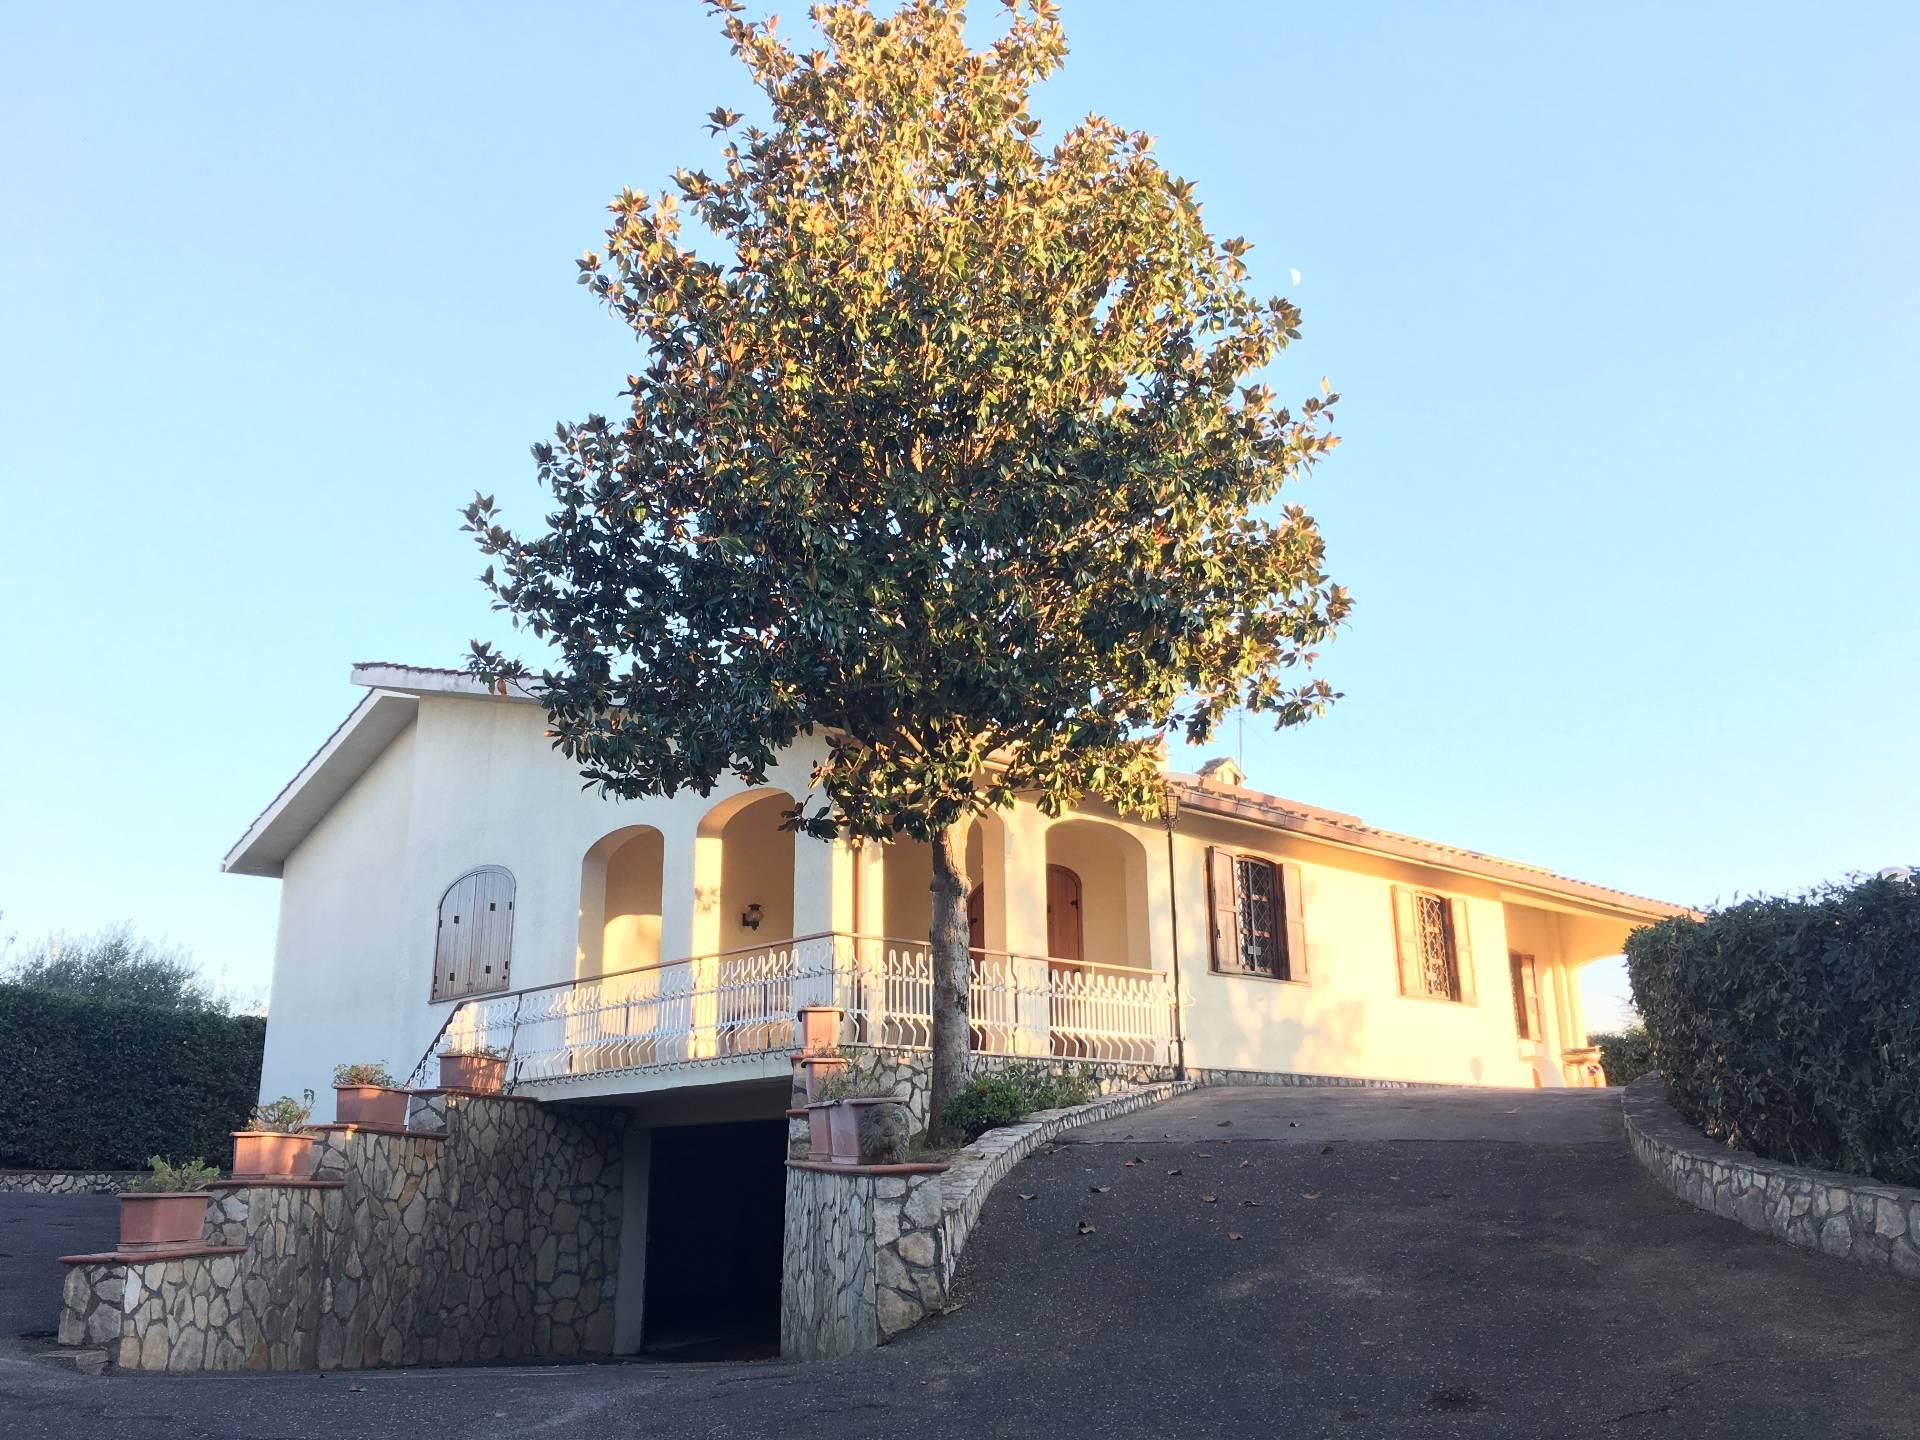 Ville in vendita a guidonia montecelio - Agenzie immobiliari guidonia ...